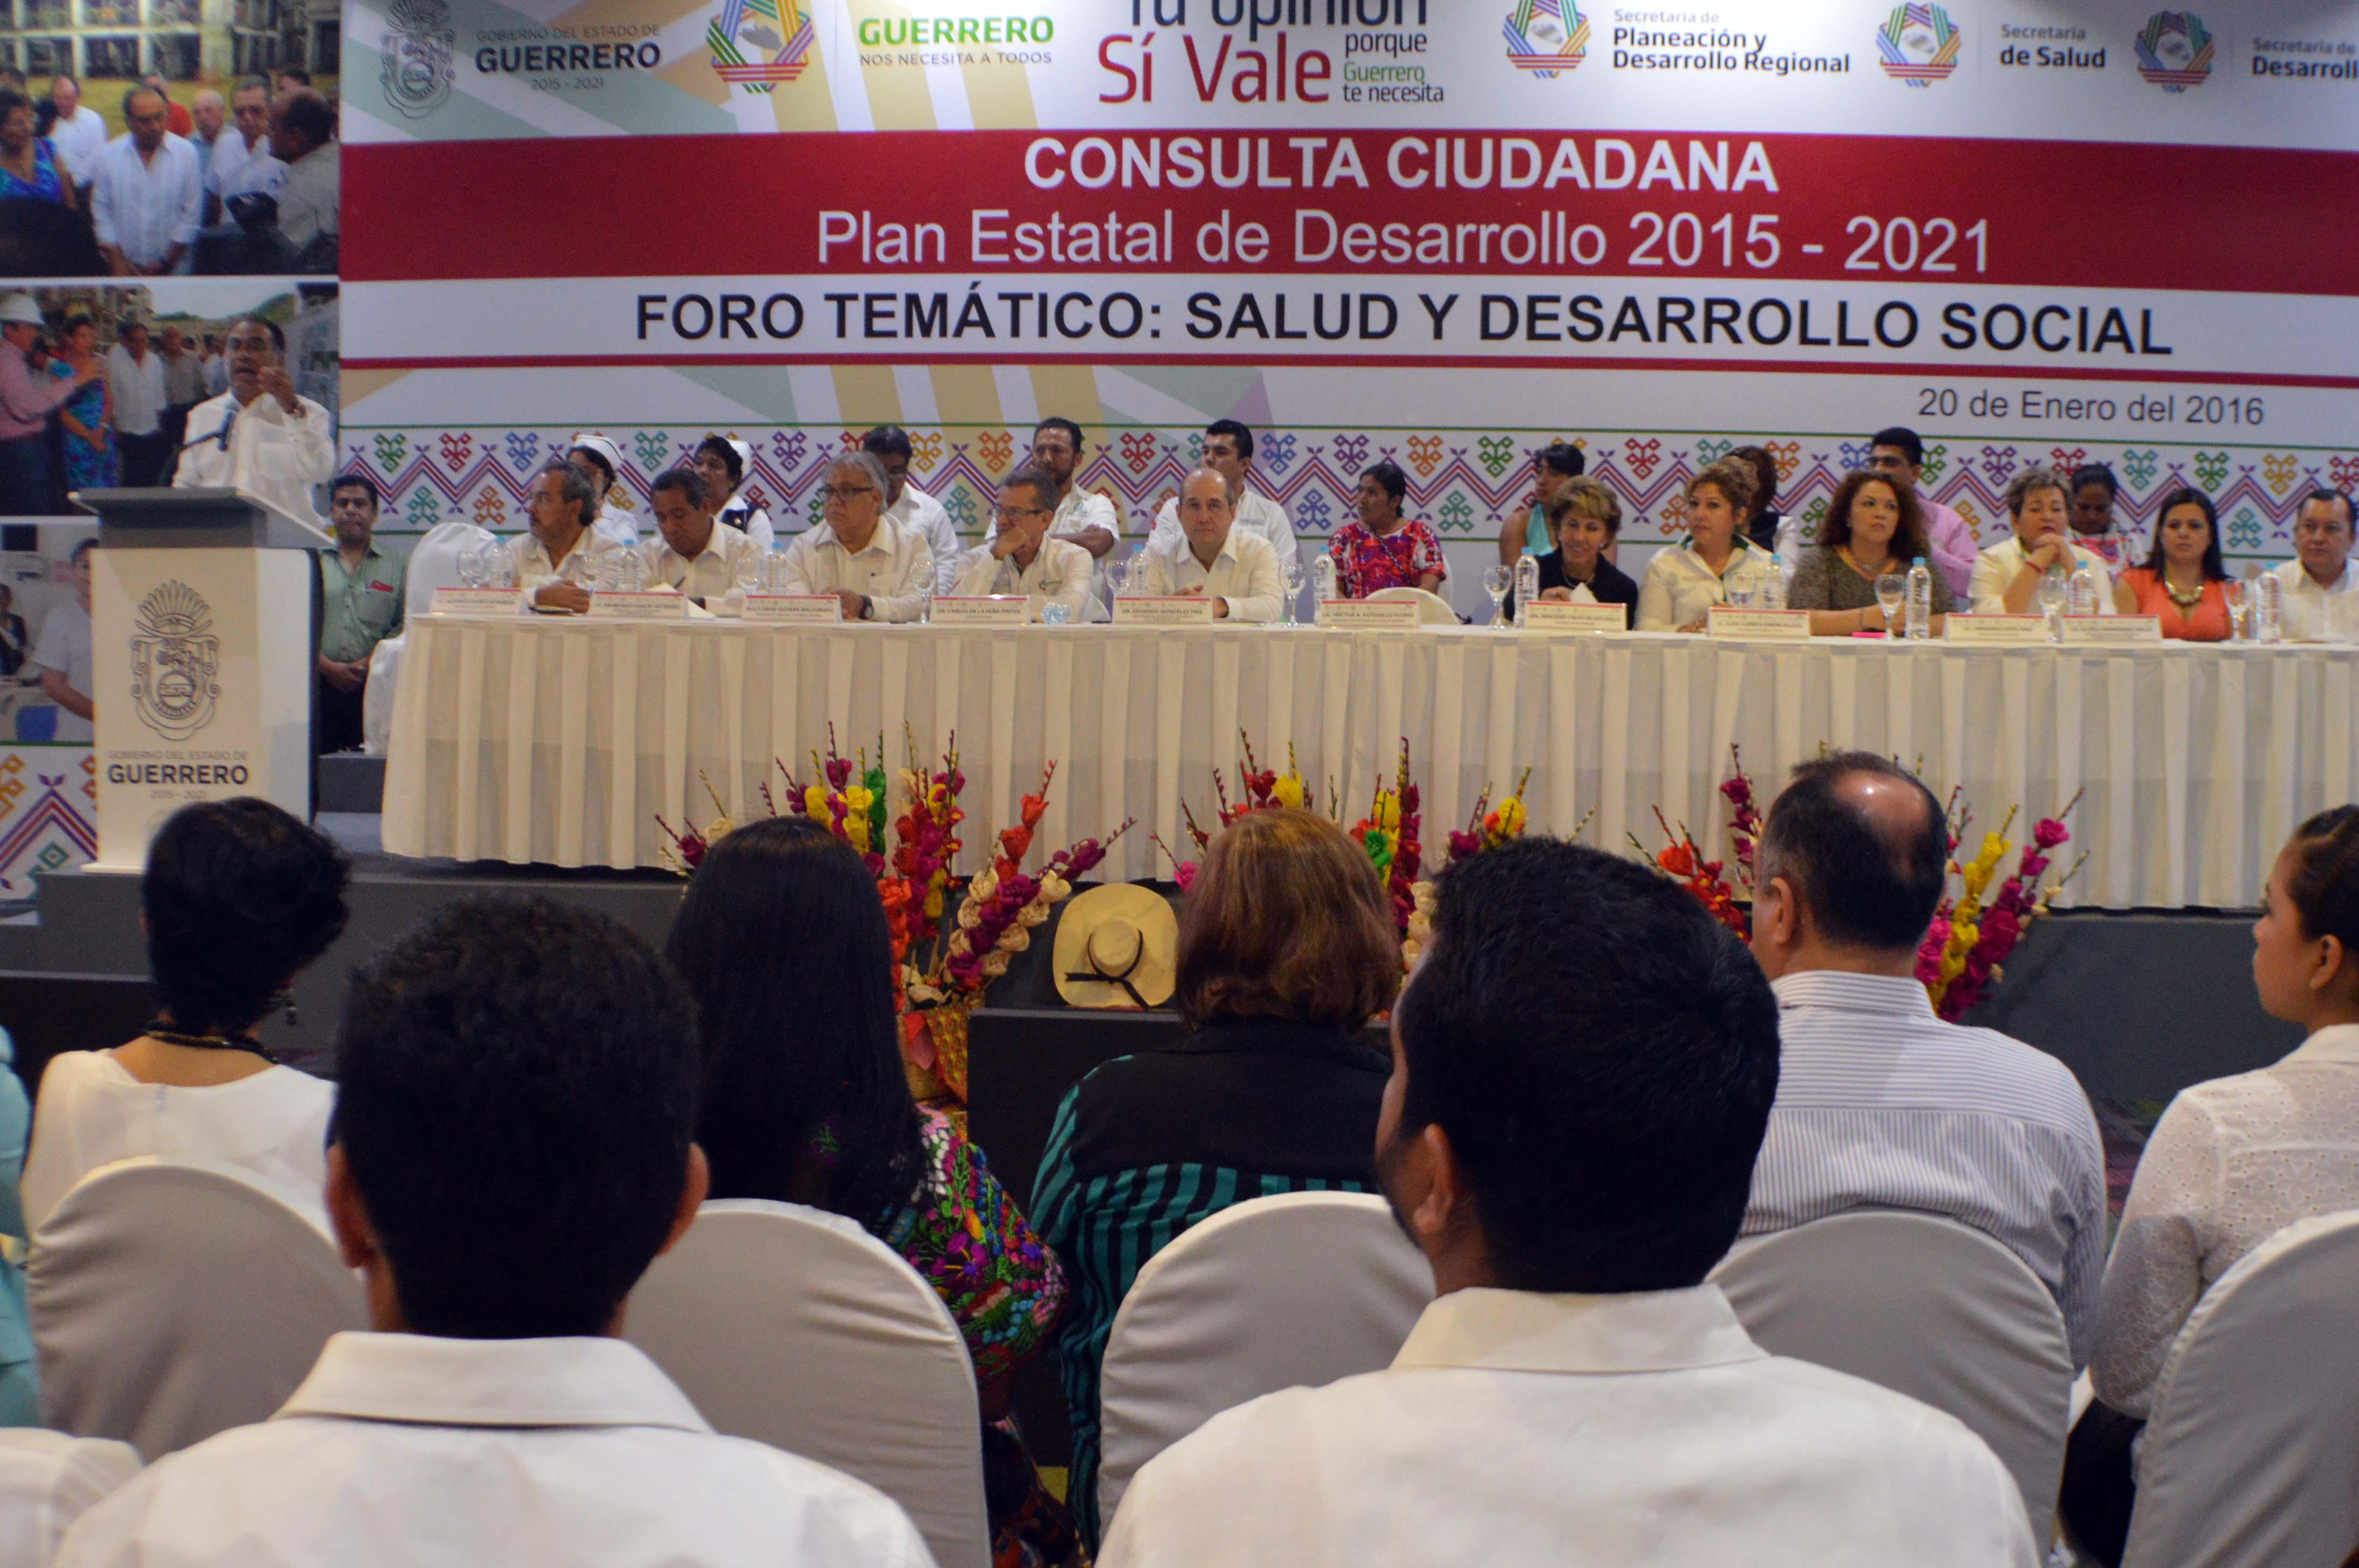 Participó en el foro temático Salud y Desarrollo Social, organizado por el gobierno de Guerrero.